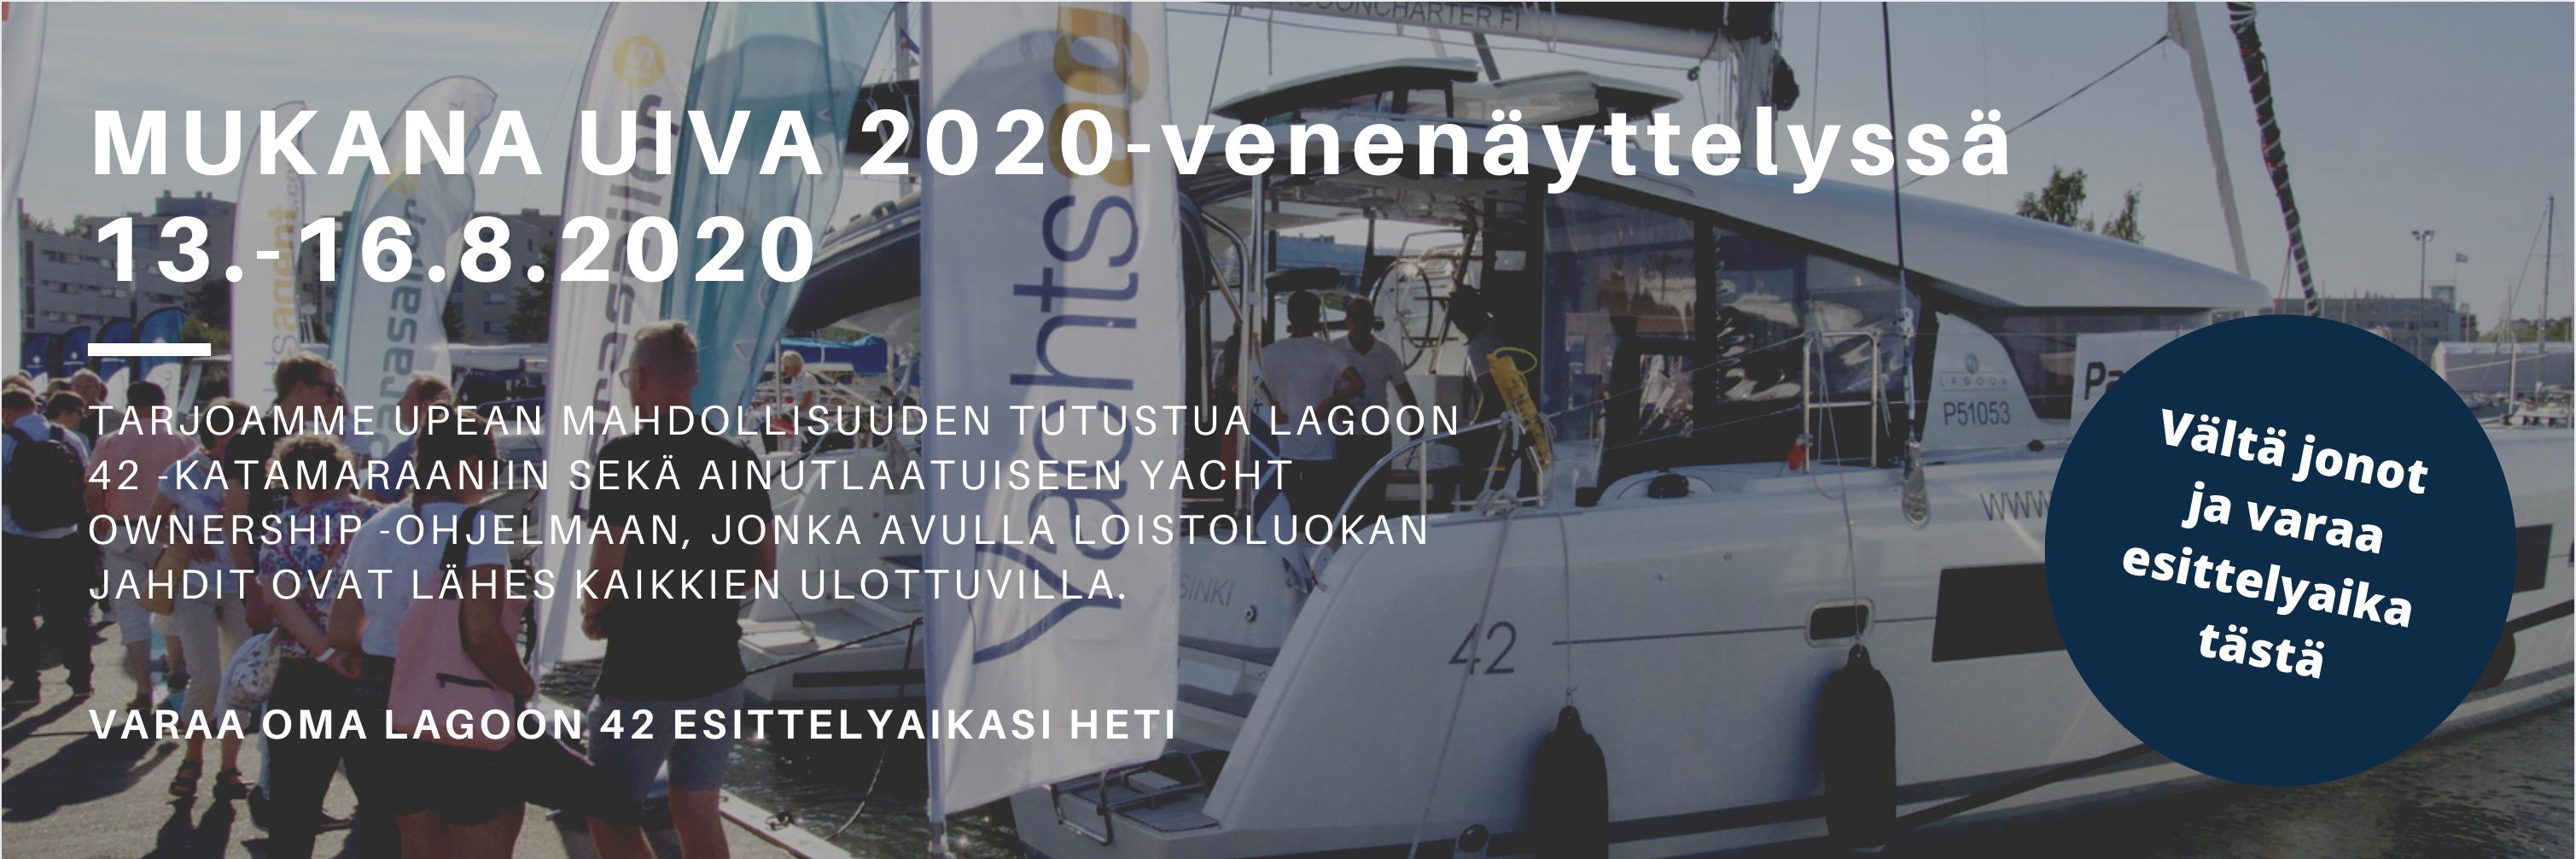 Mukana Uiva 2020 -venenäyttelyssä